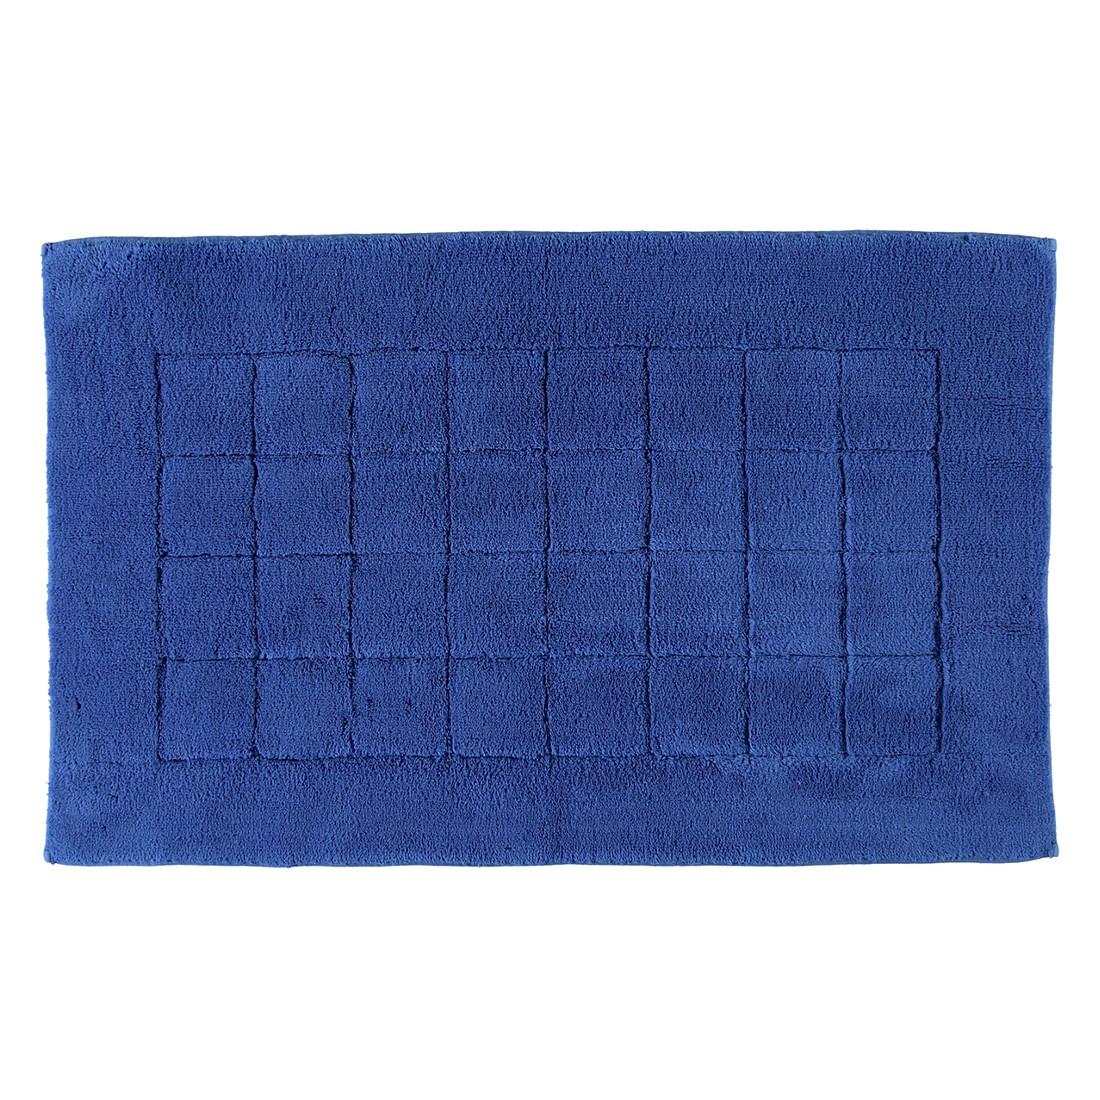 Badteppiche Vienna Sensible – Baumwolle – Deep Blue – 60×100 cm, Vossen günstig online kaufen